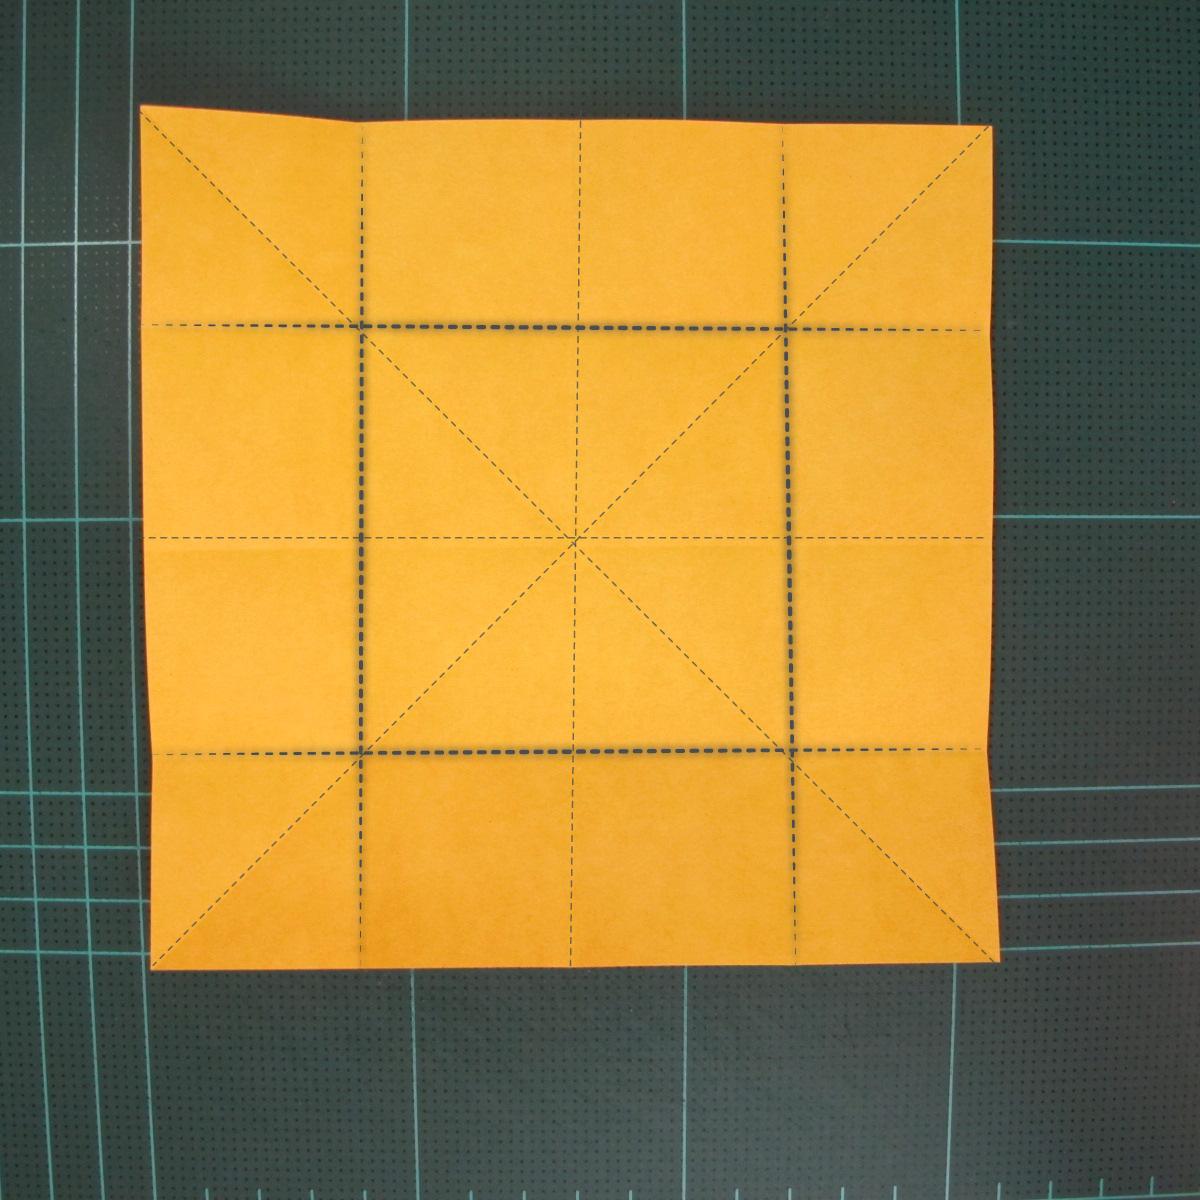 สอนวิธีพับกระดาษเป็นดอกกุหลาบ (แบบฐานกังหัน) (Origami Rose - Evi Binzinger) 003